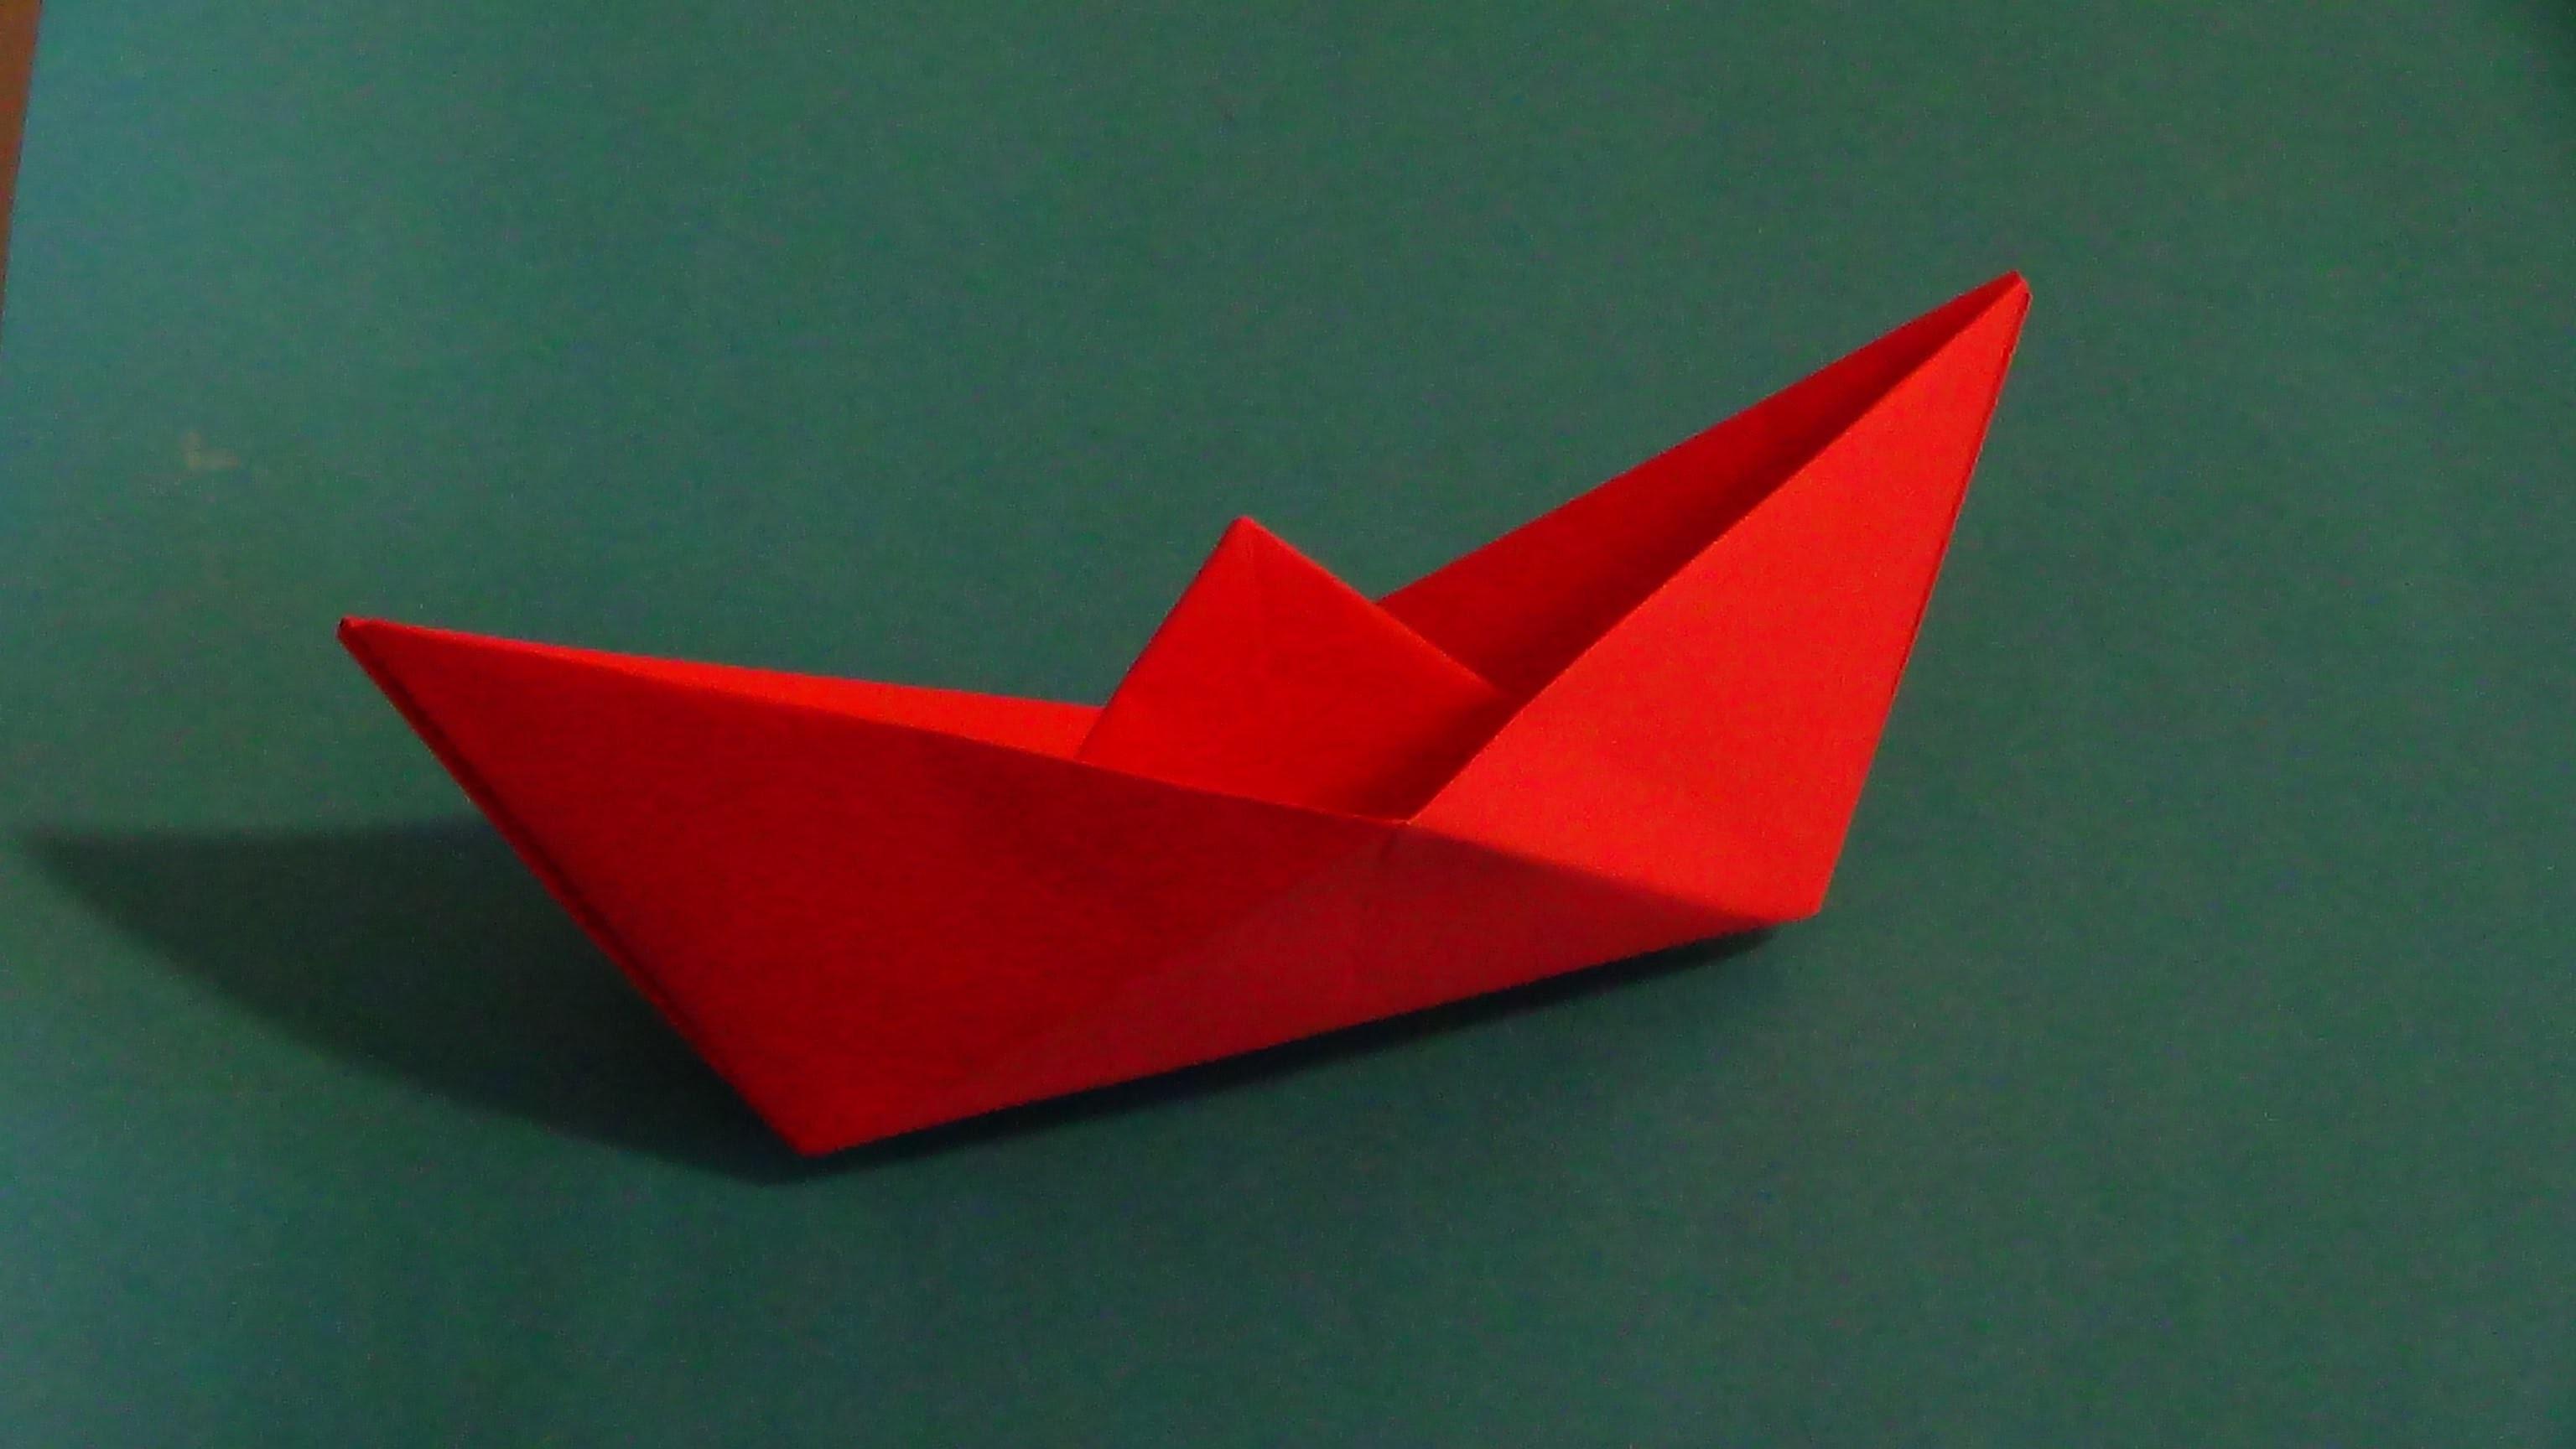 Saiba como fazer um barco origami - know how to make origami boat